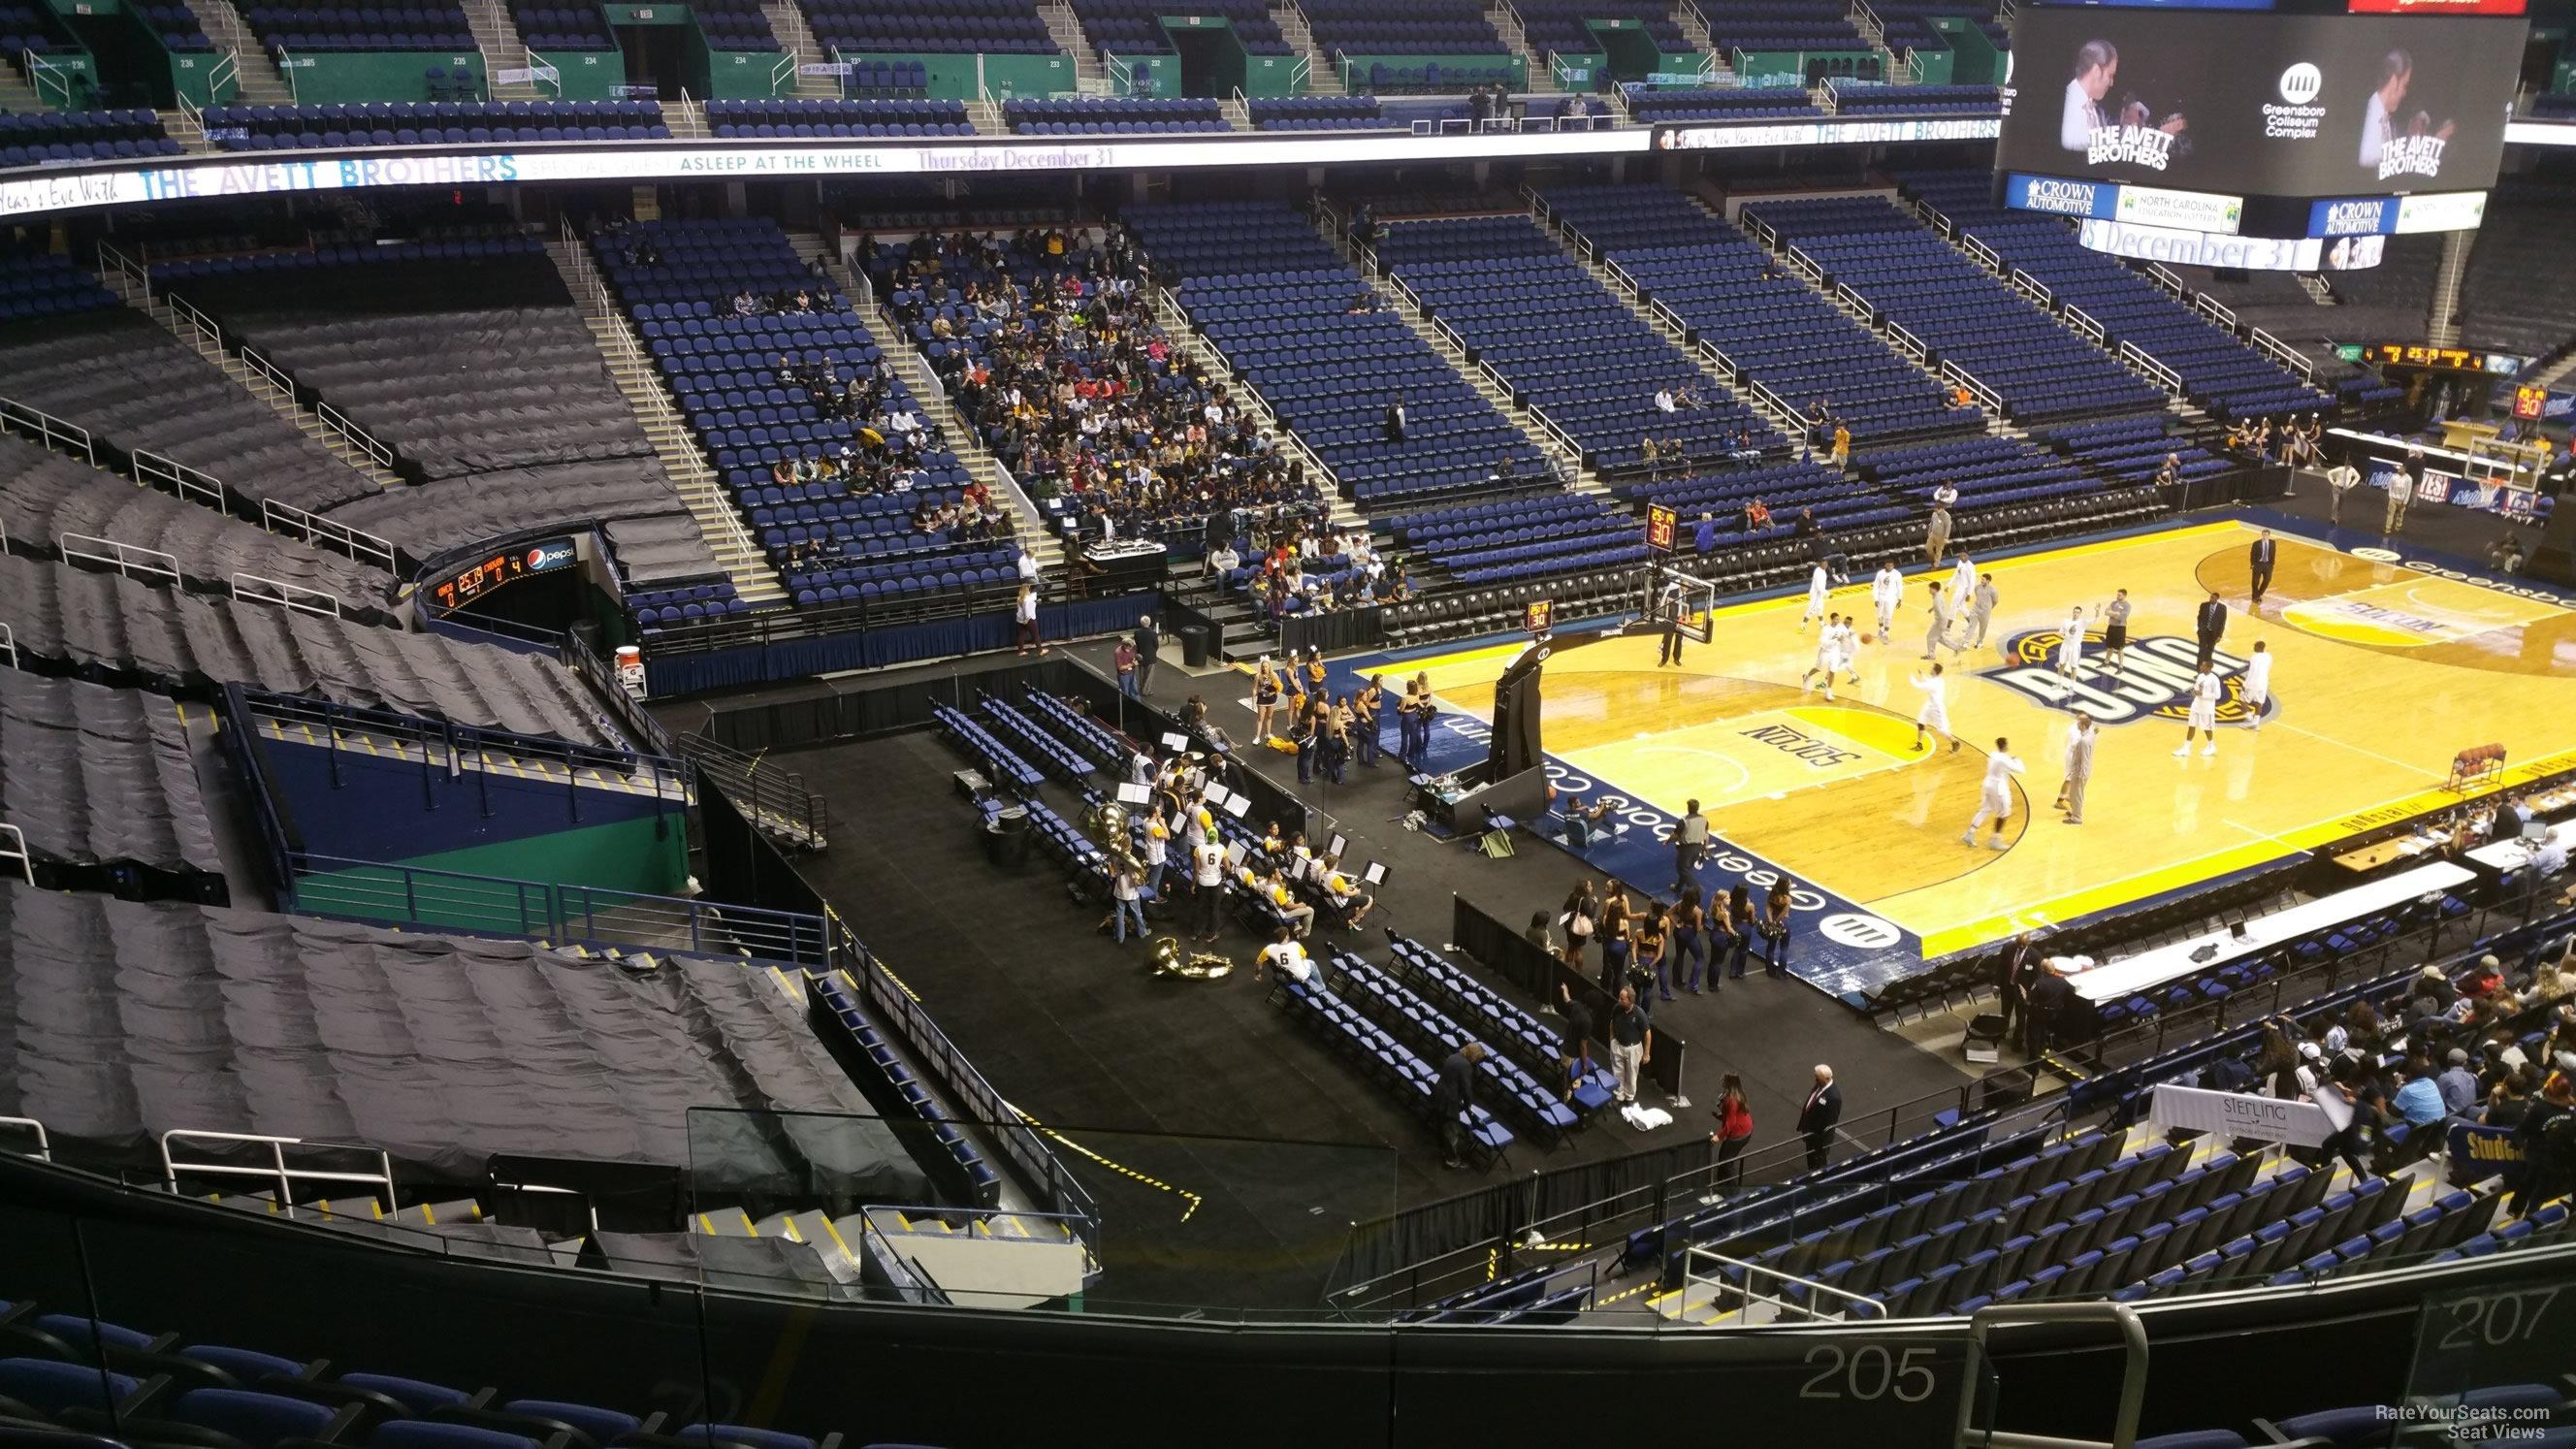 Greensboro Coliseum Section 205 Unc Greensboro